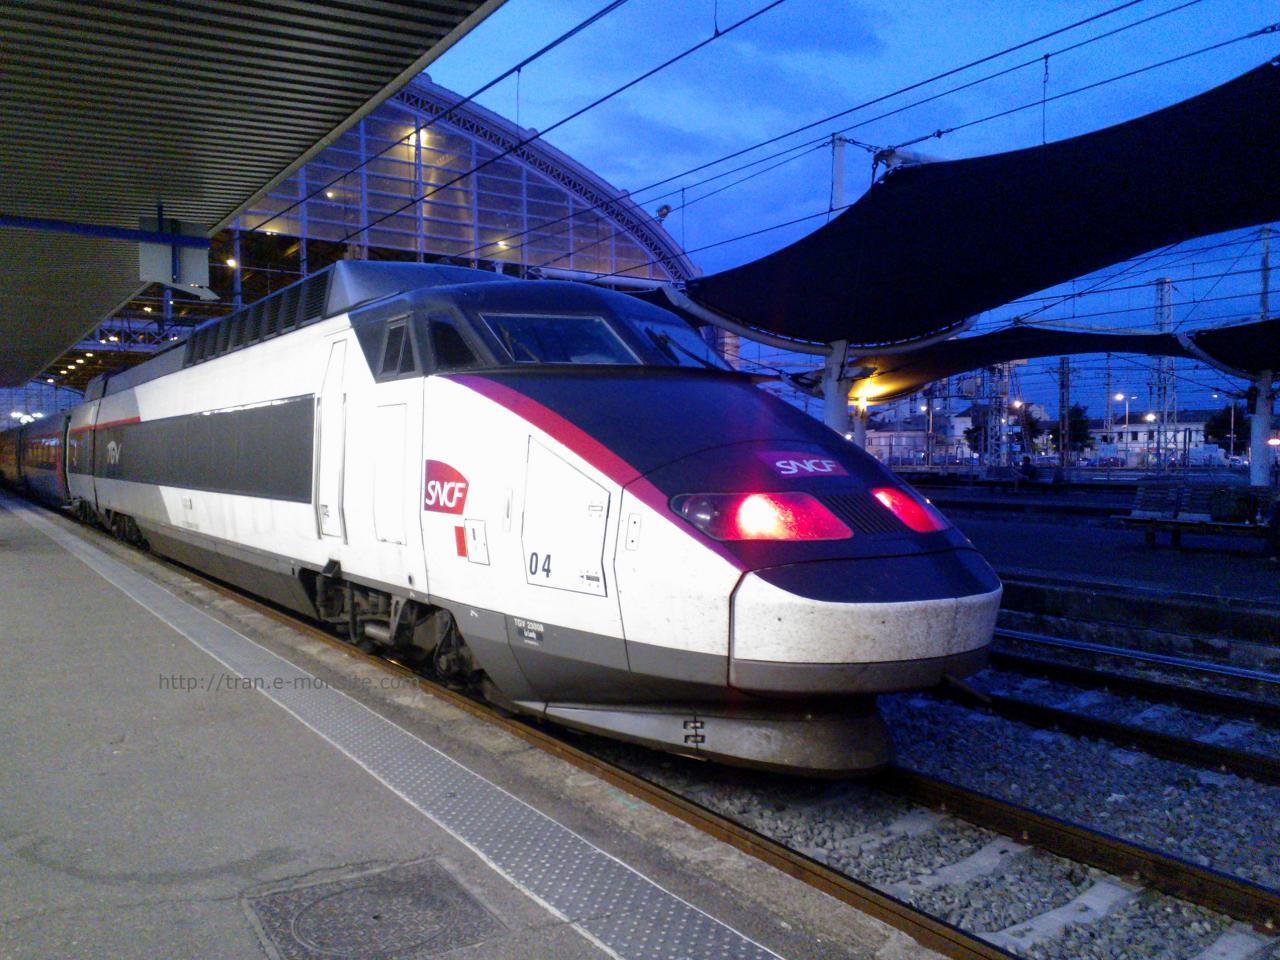 TGV réseau Carmillon en gare de Bordeaux le 1/08/14